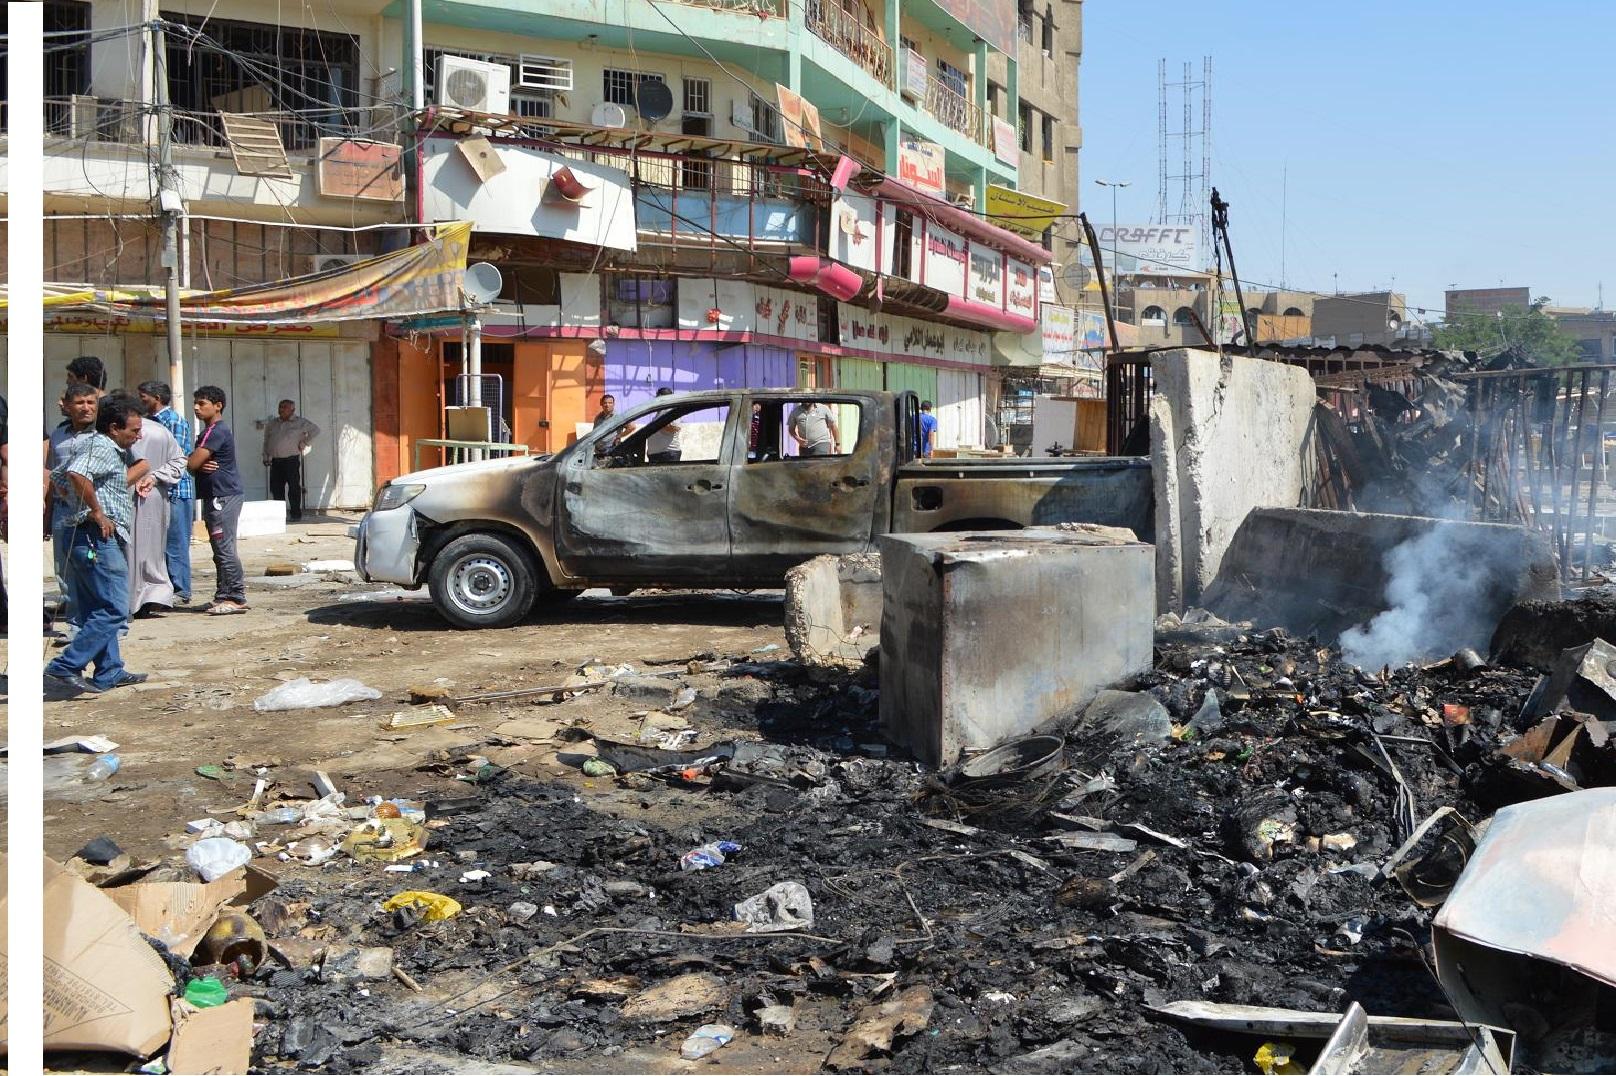 مقتل مدني وإصابة آخر بانفجار جنوب بغداد